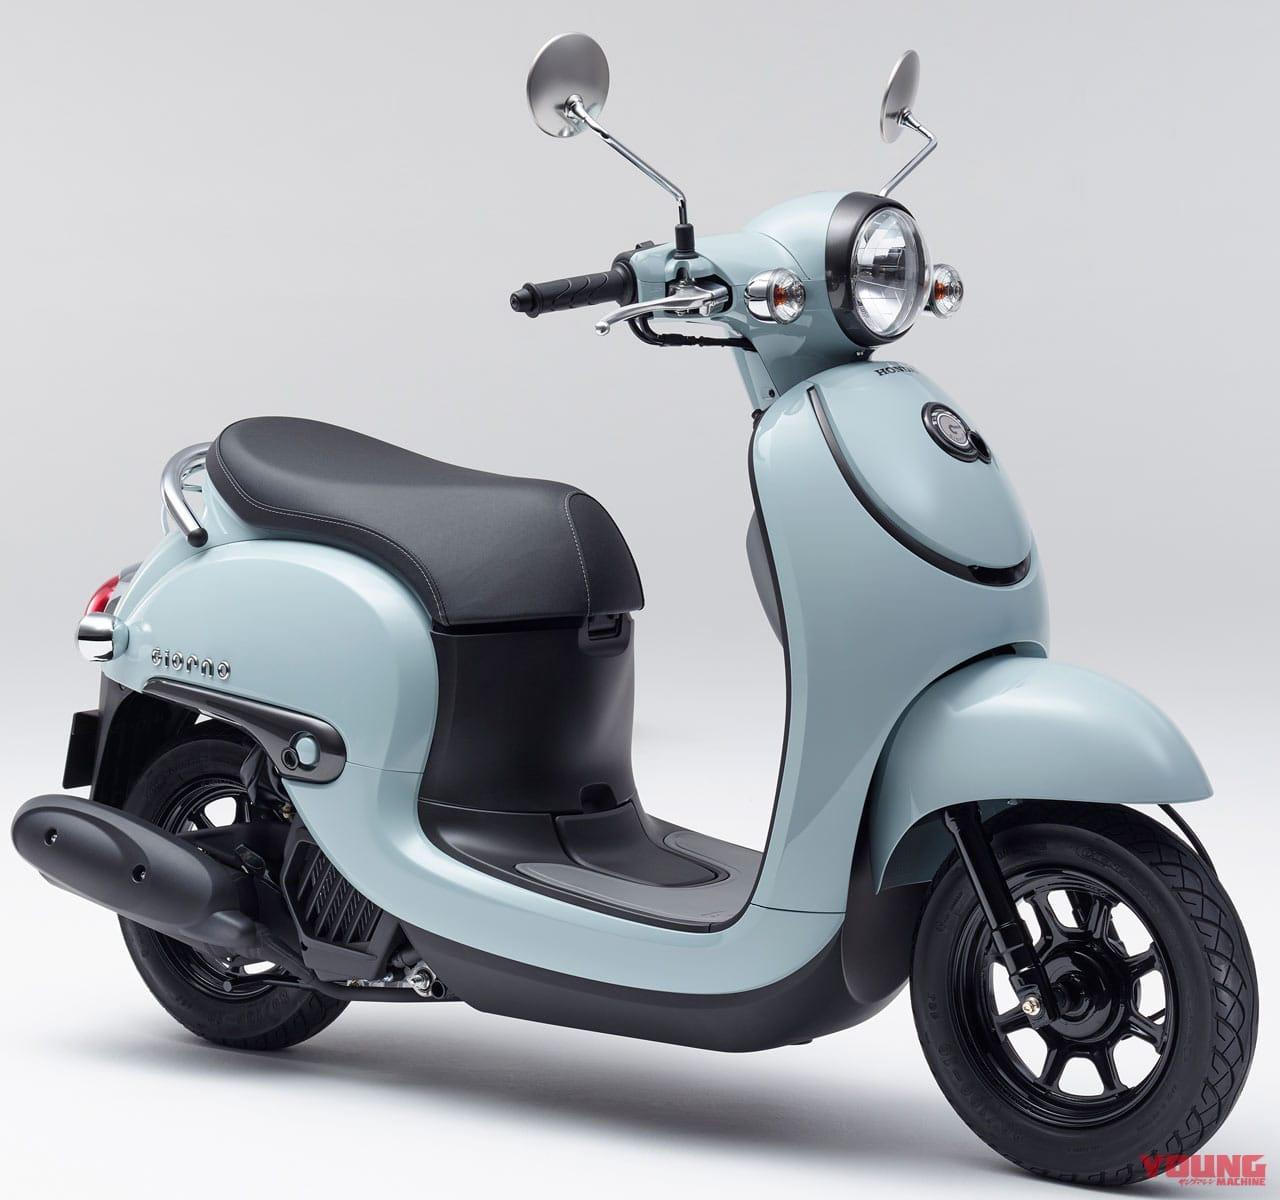 ホンダ2021新車バイクラインナップ〈50cc原付一種クラス〉クロスカブ/スーパーカブetc.